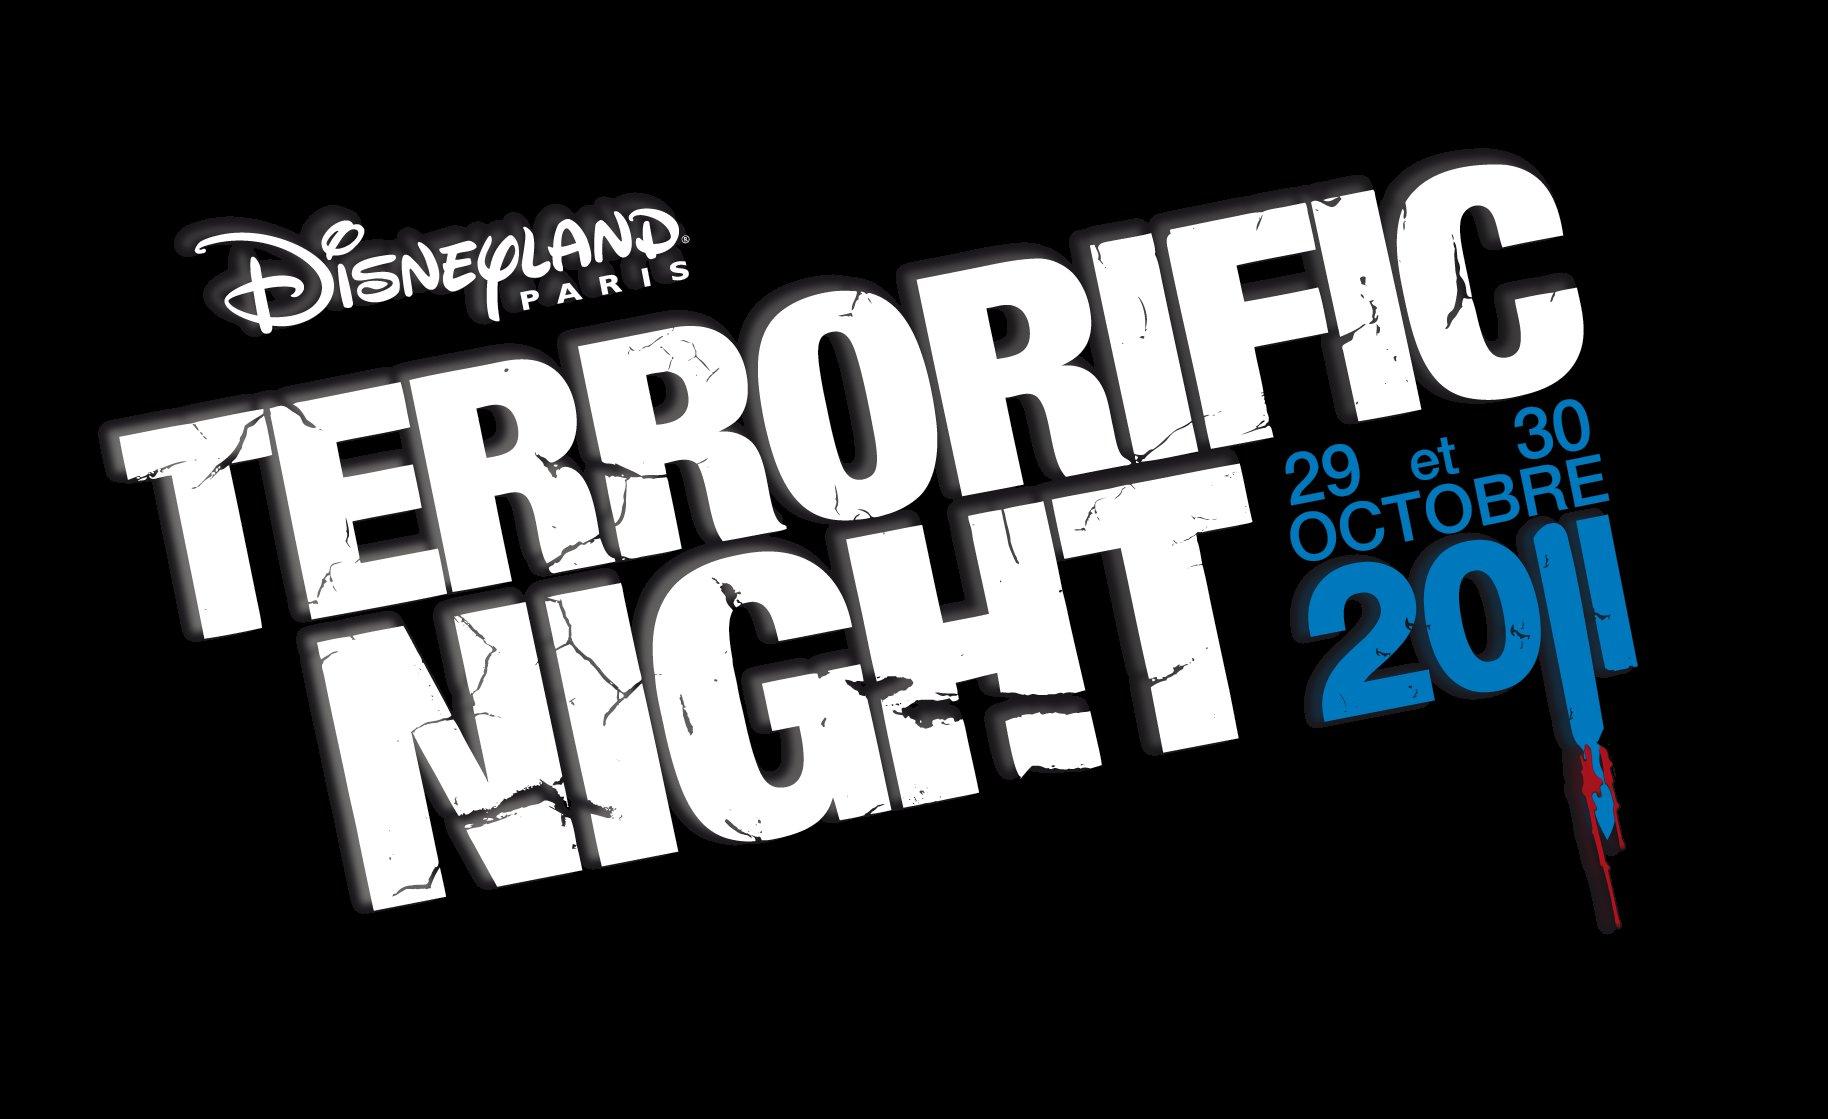 les soirées Terrorific night 29 et 30 octobre 2011 - Page 5 Hd118310